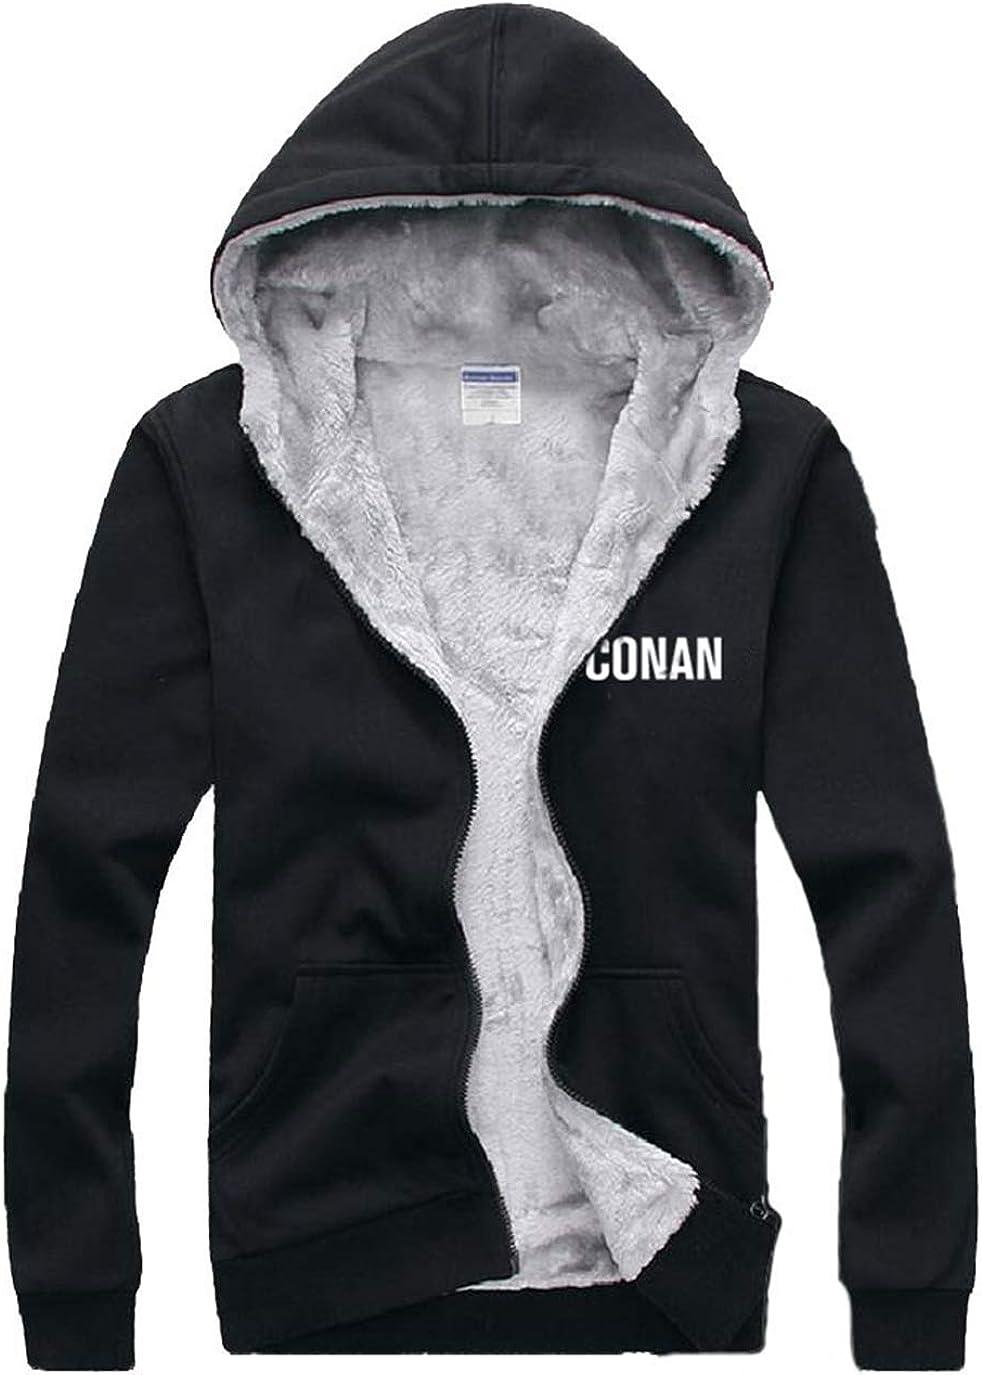 Gumstyle Dragon Ball Anime Unisex Full-Zip Hoodie Coat Winter Thicken Fleece Warm